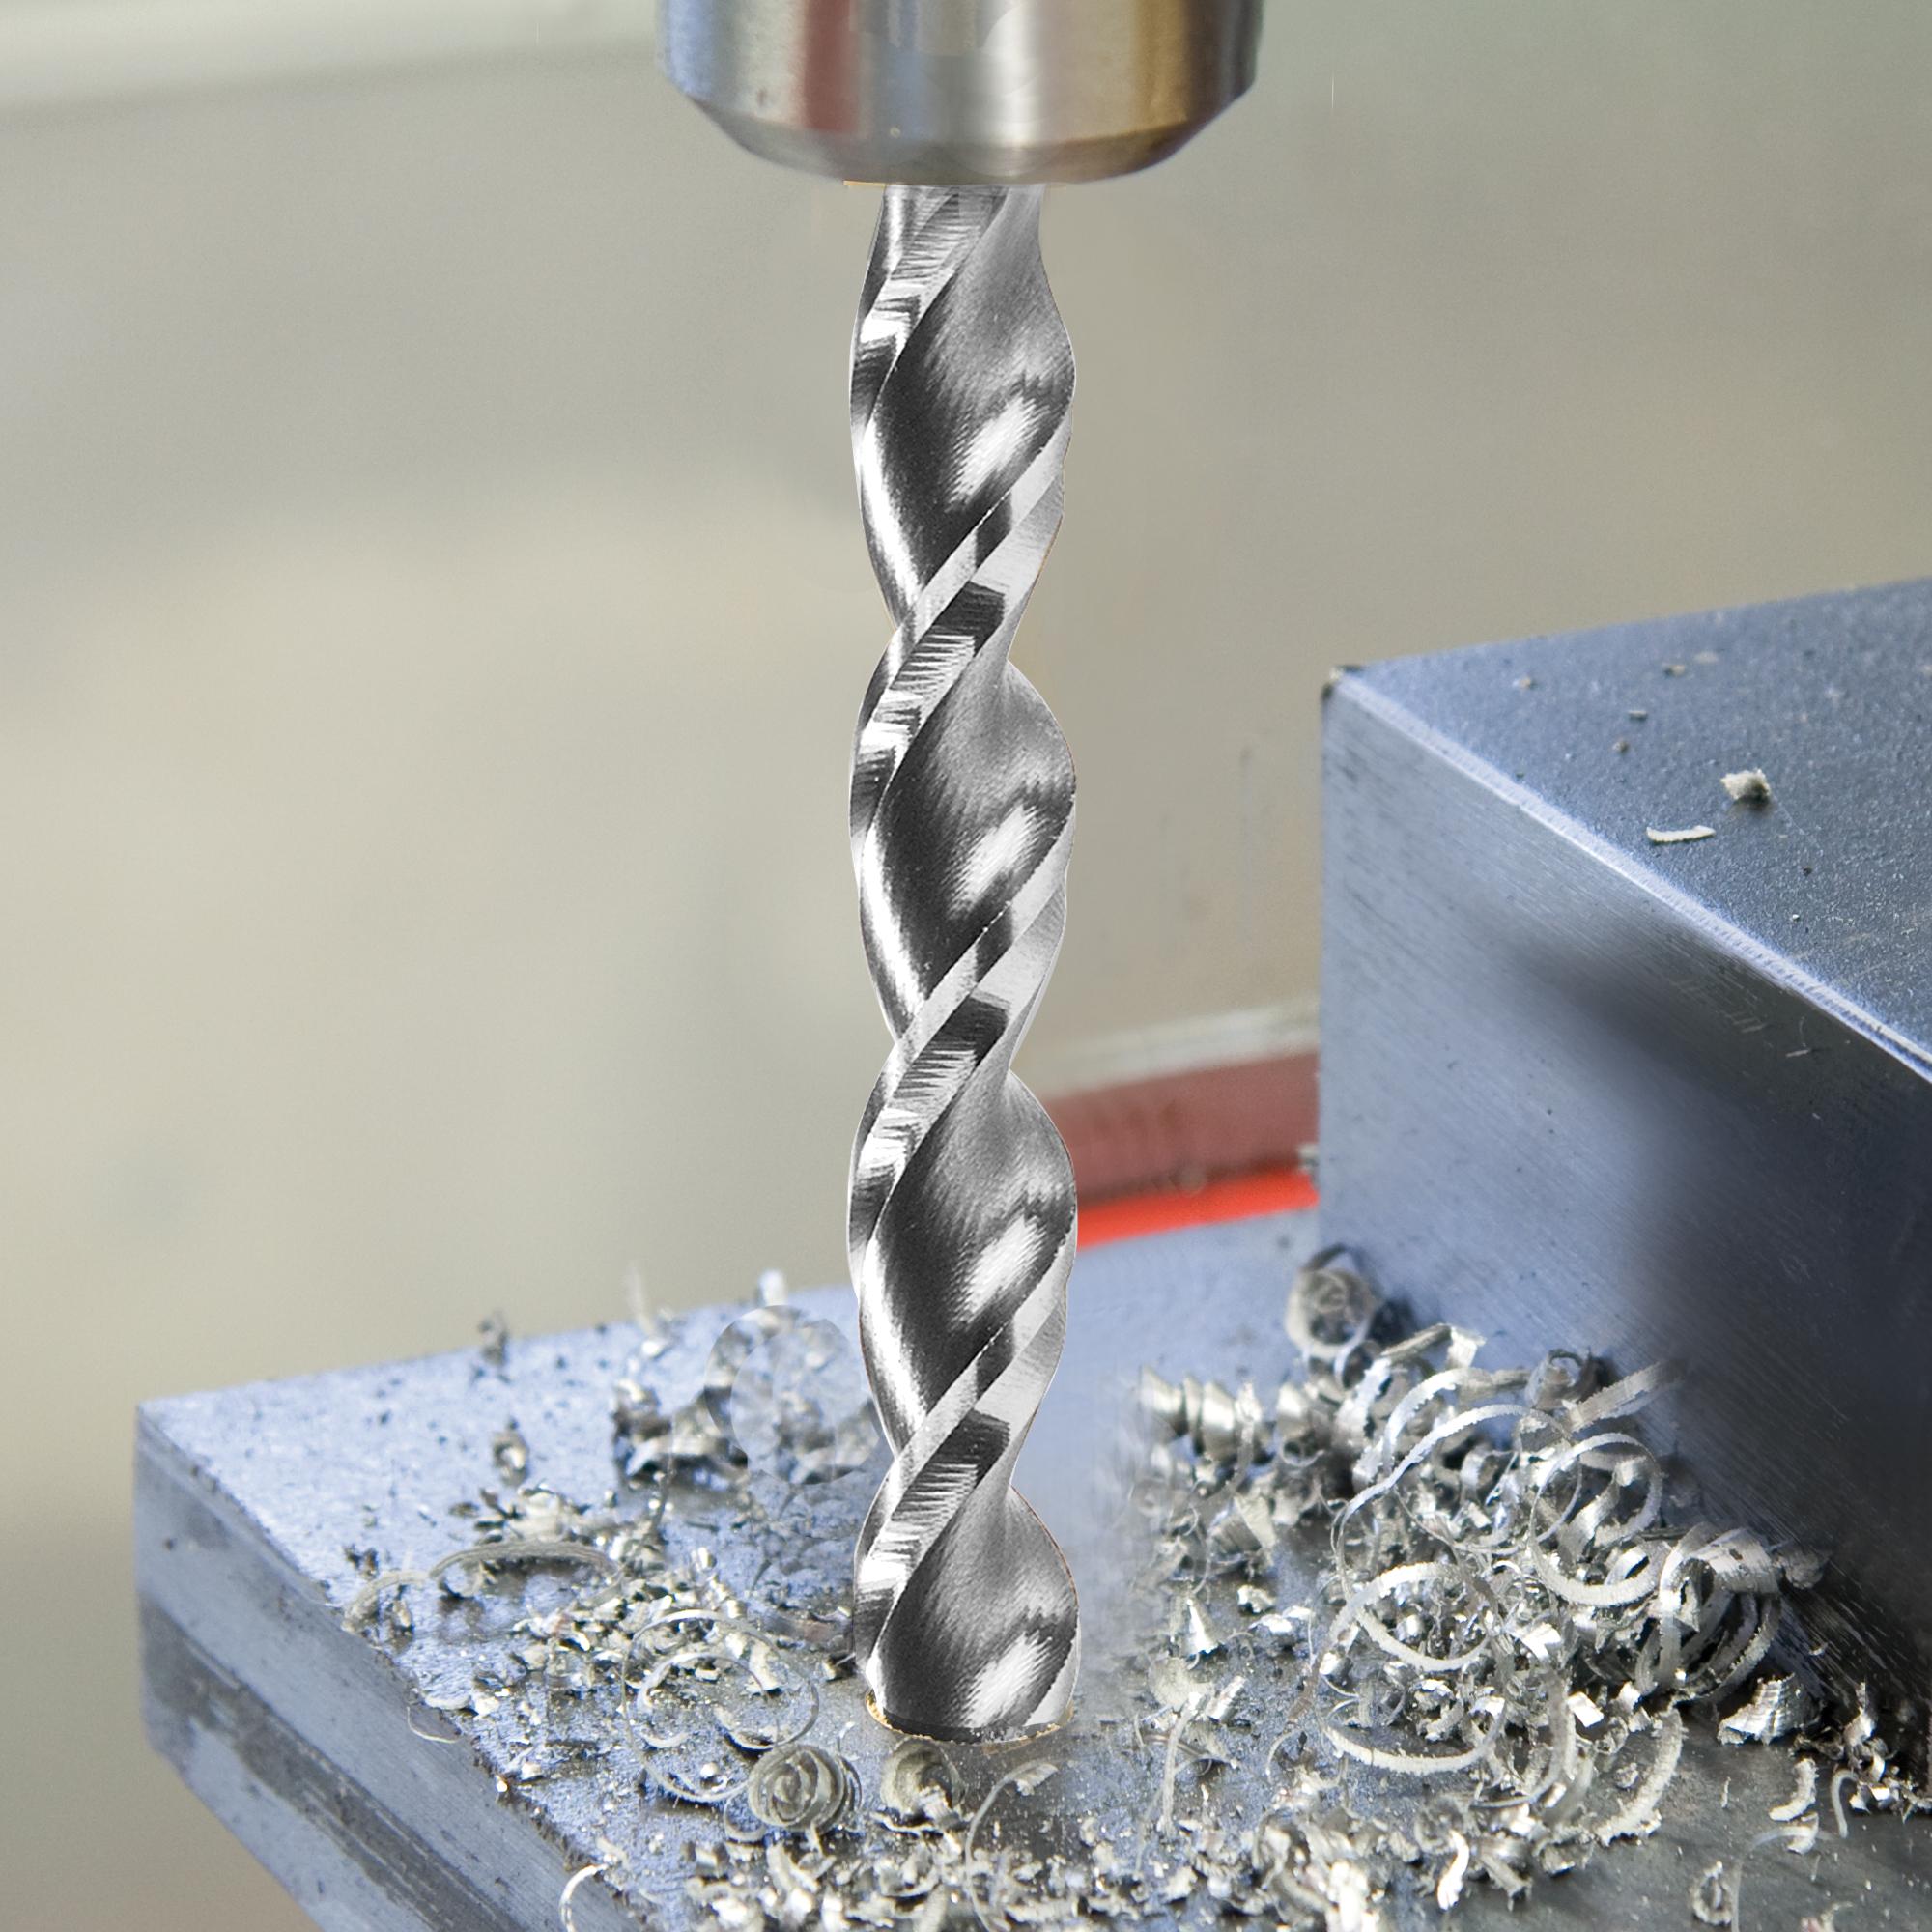 RUKO Twist drill DIN 338 TL 3000 HSS 258079